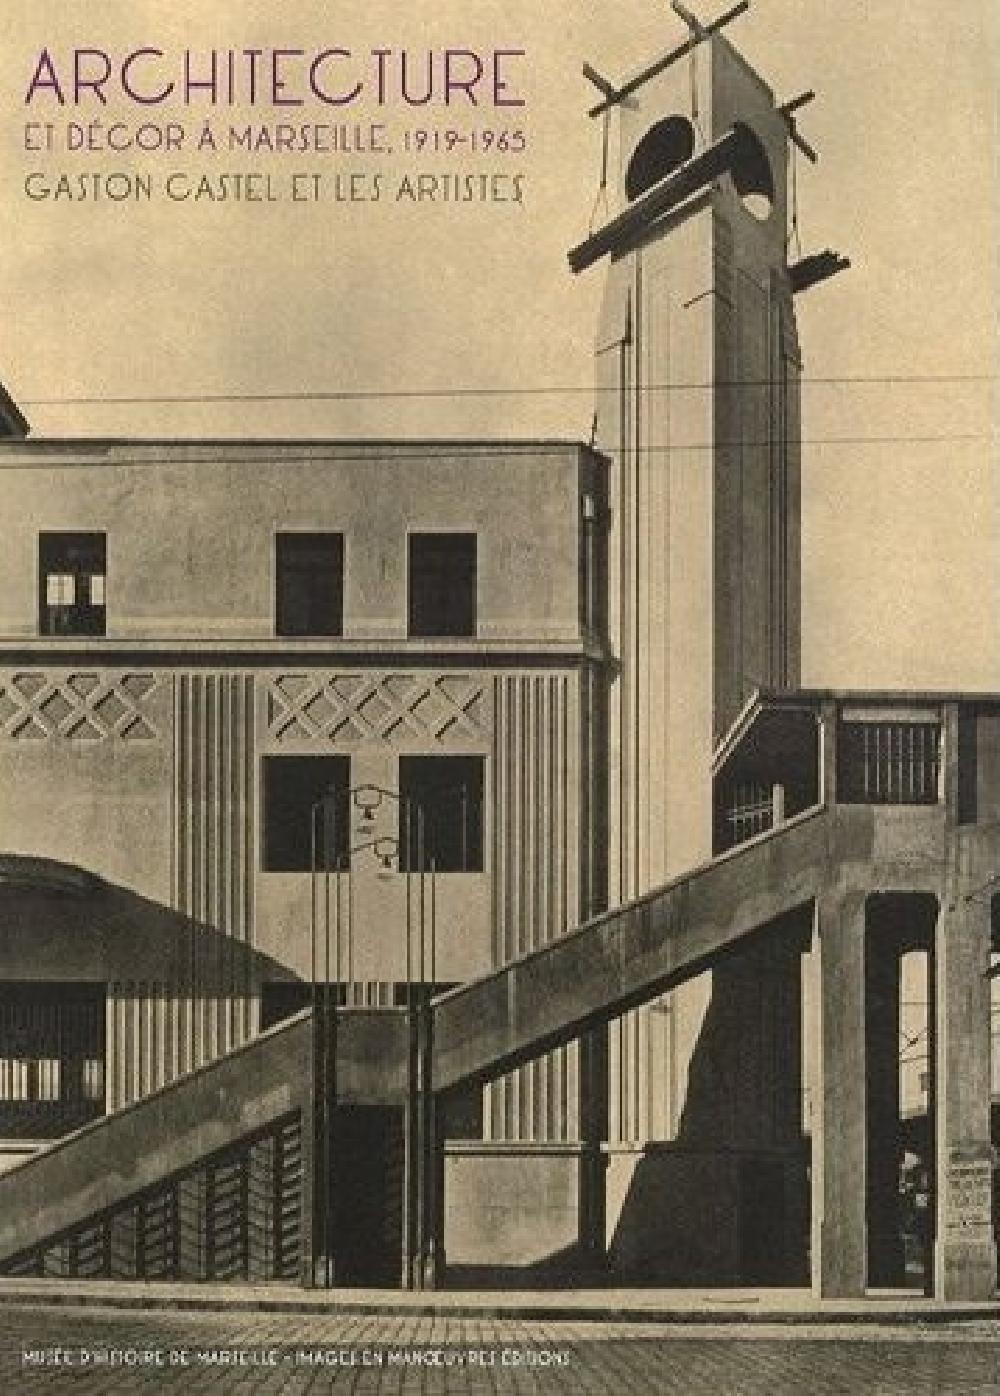 Architecture et décor à Marseille 1919-1965